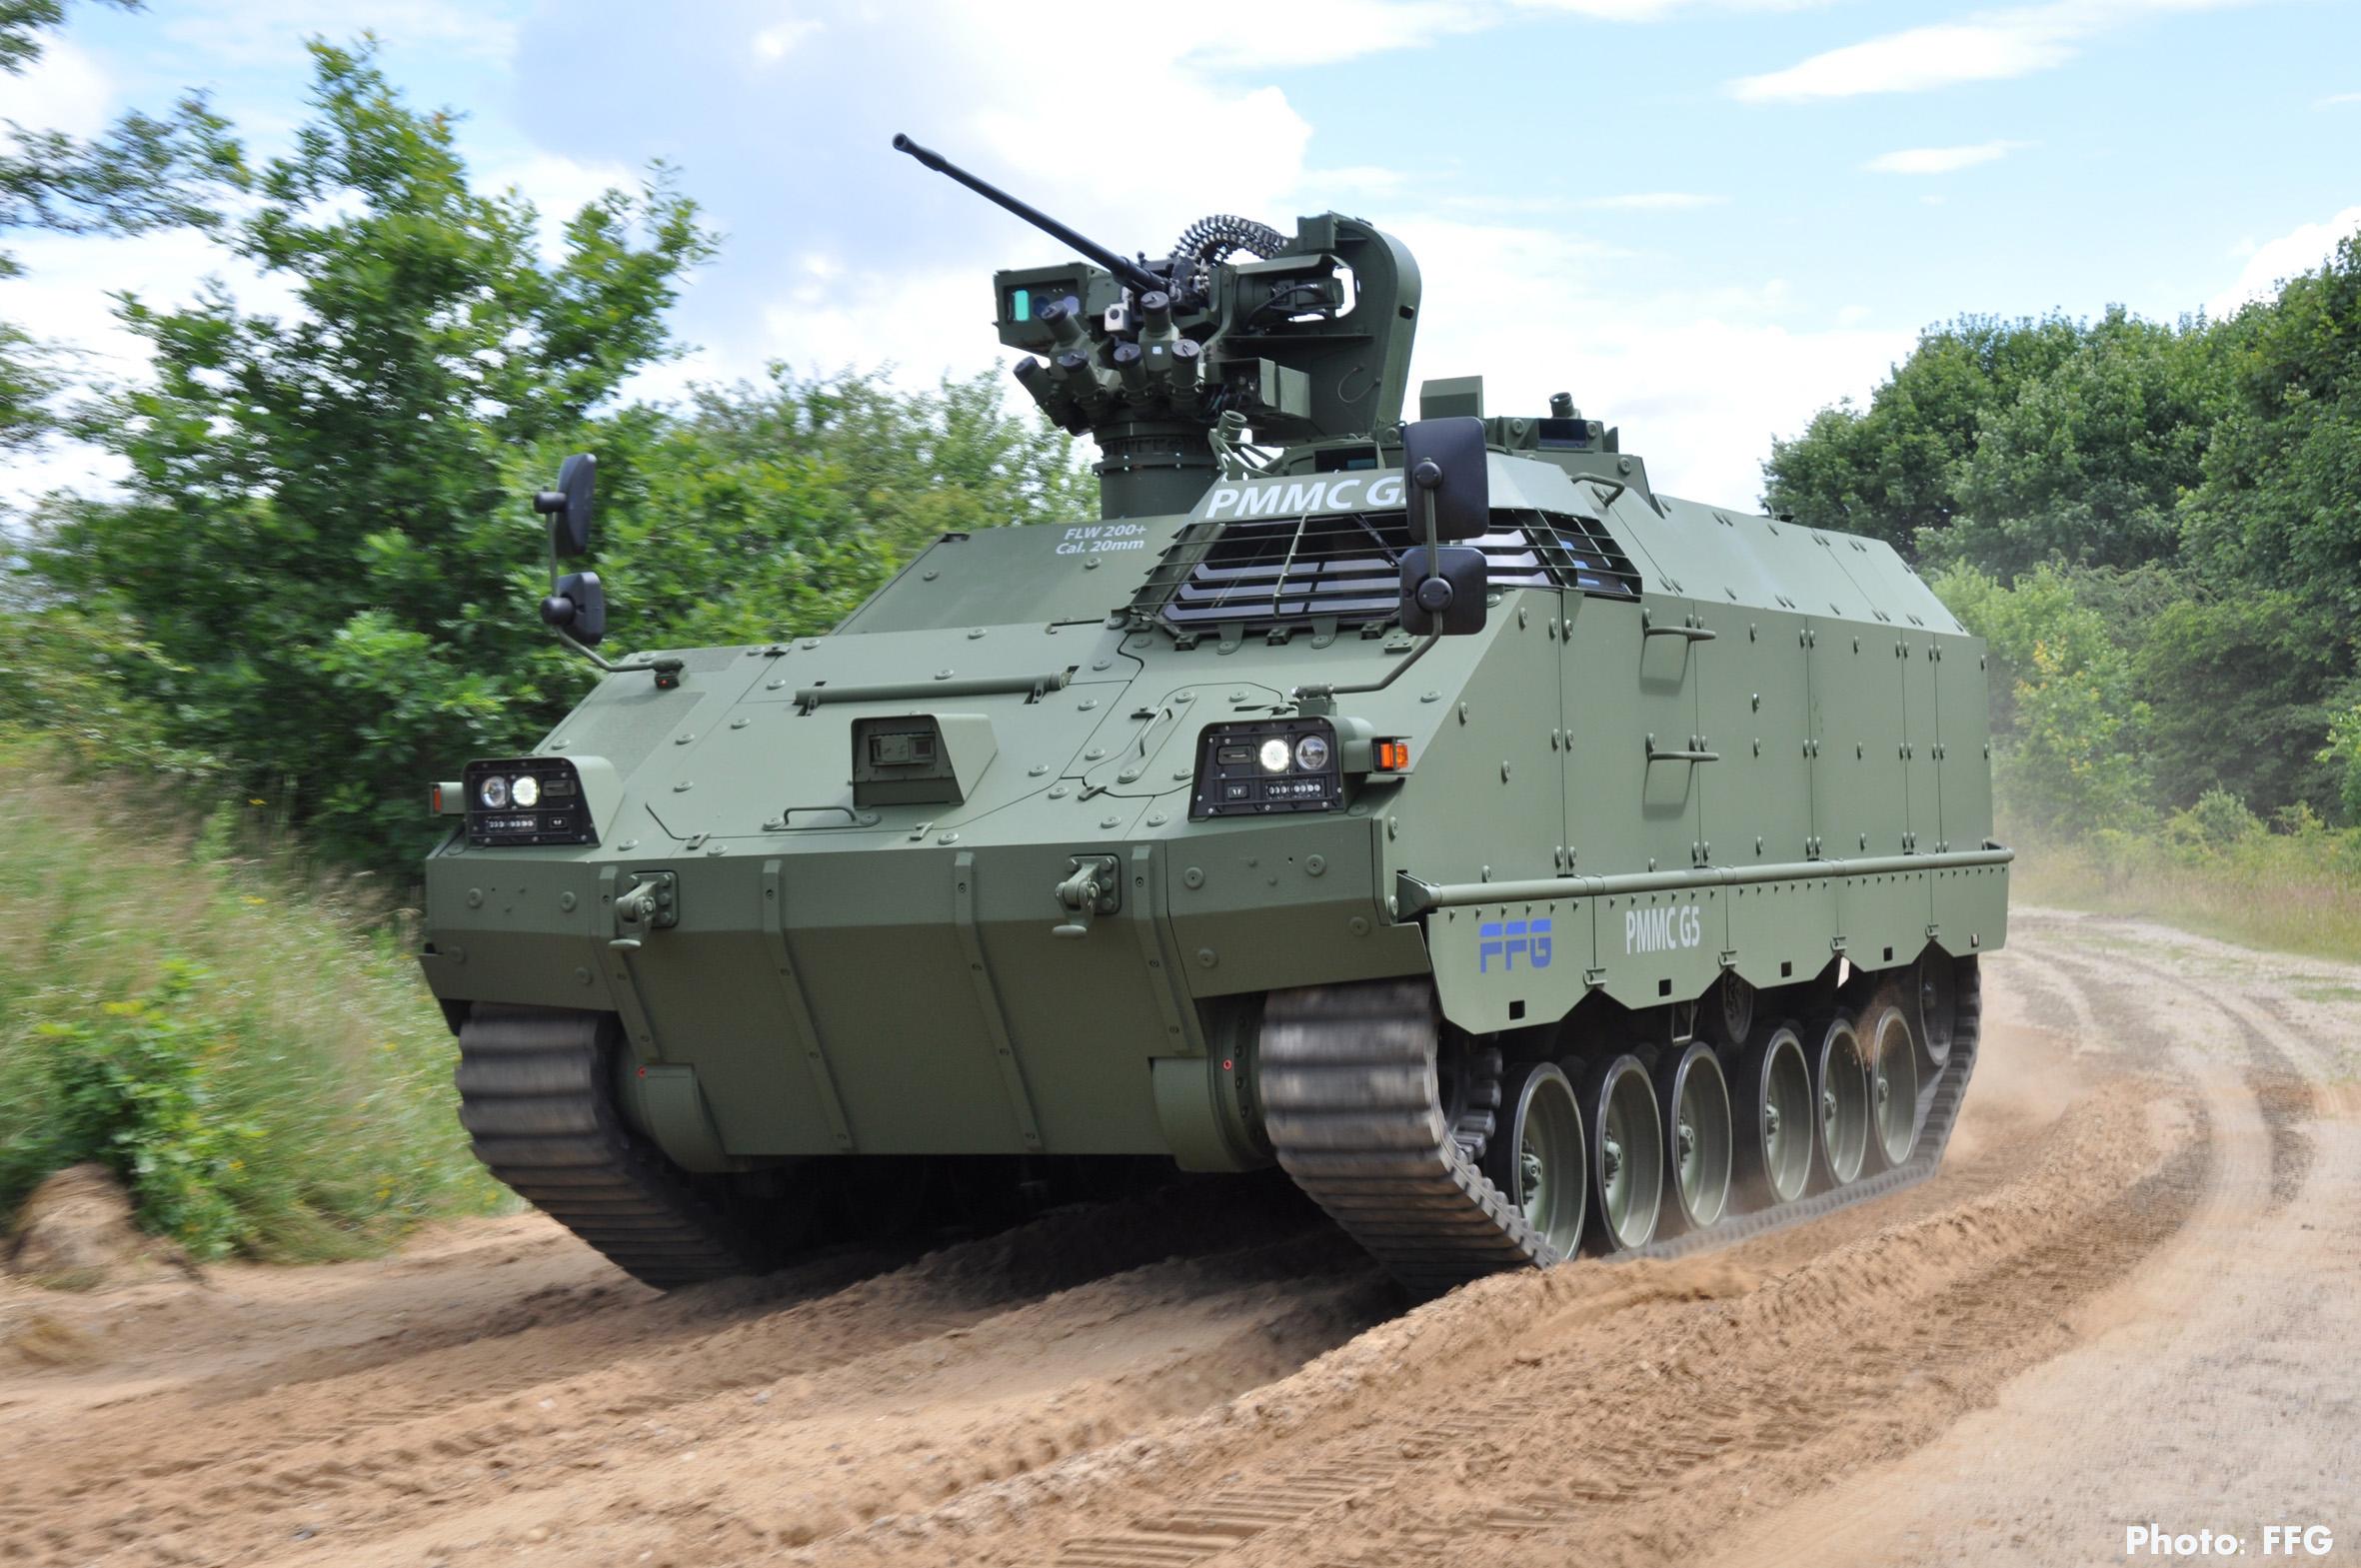 Норвегия приобретает гусеничные бронированные машины FFG PMMC G5